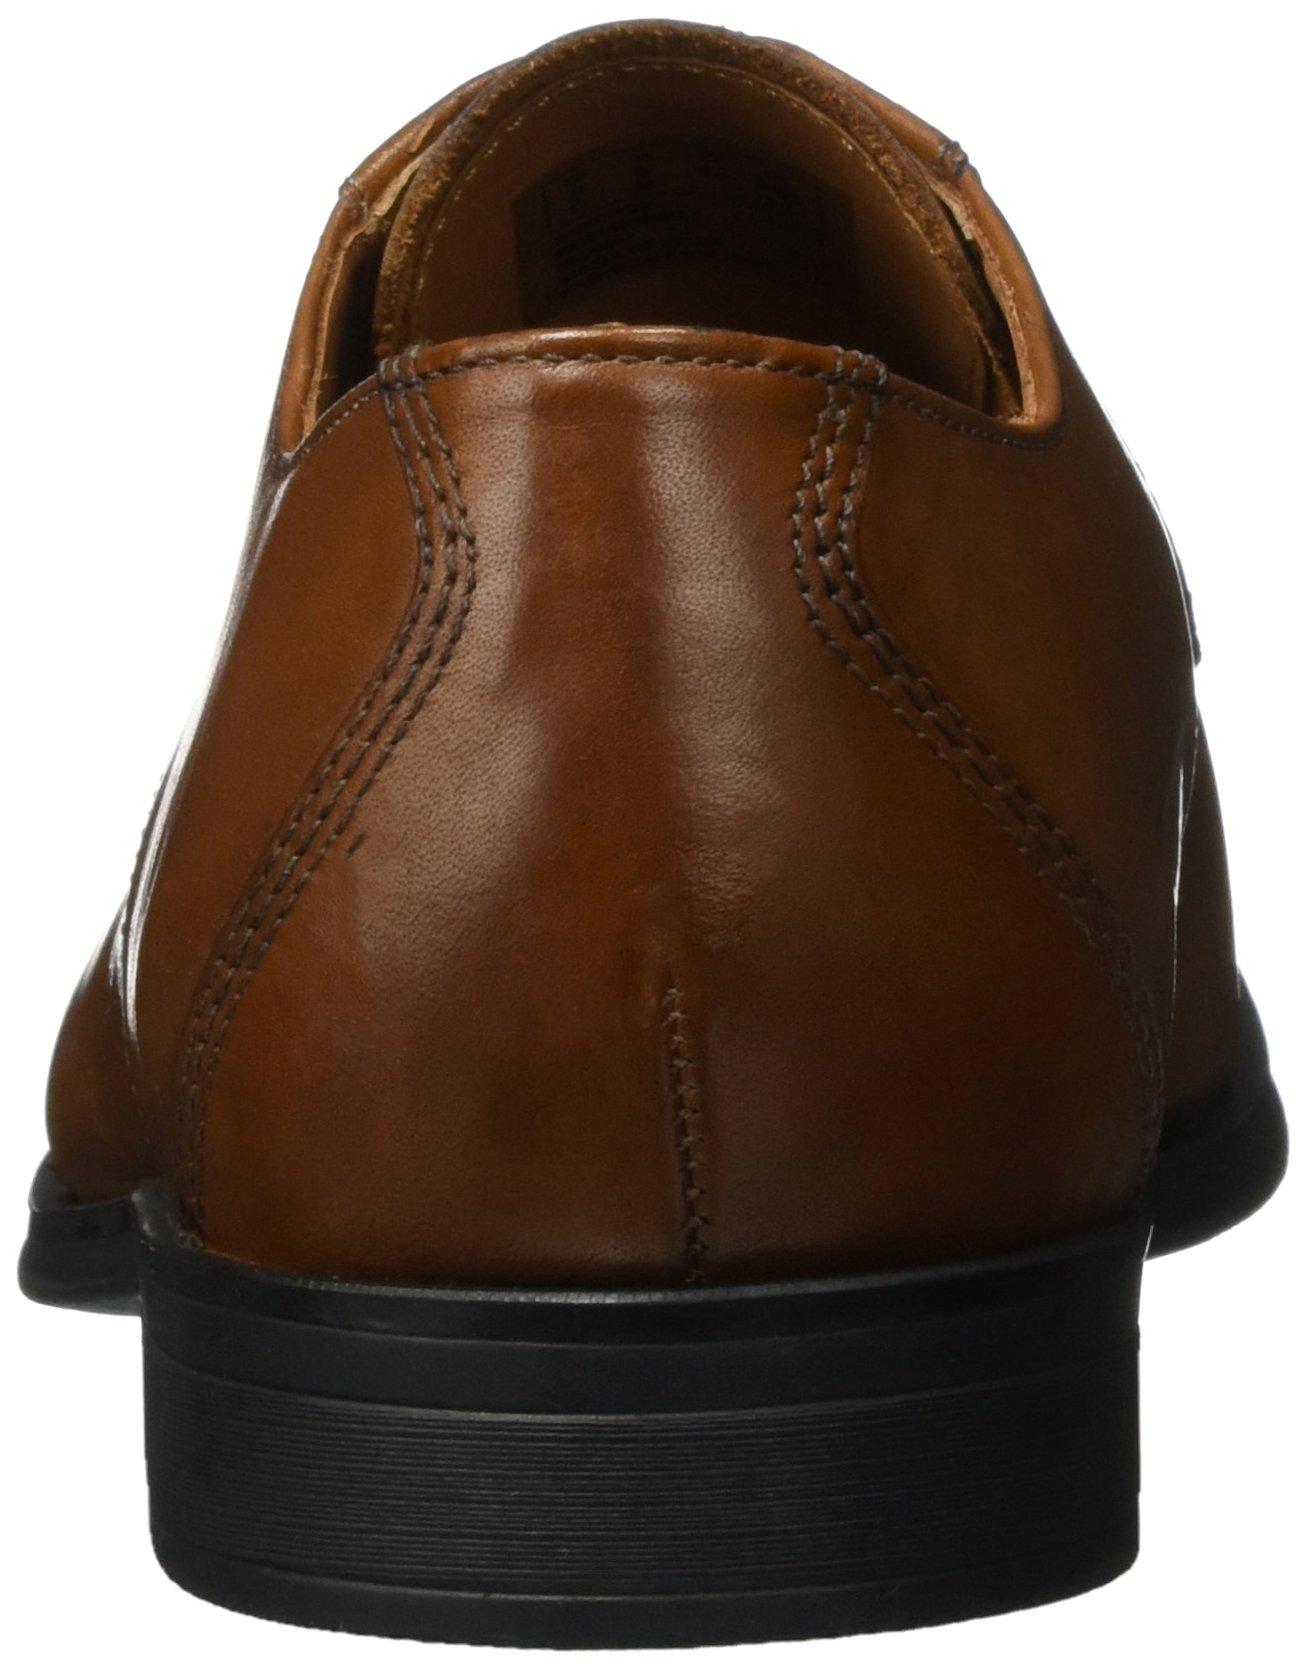 Clarks Gilman Lace, Zapatos de Cordones Derby Hombre